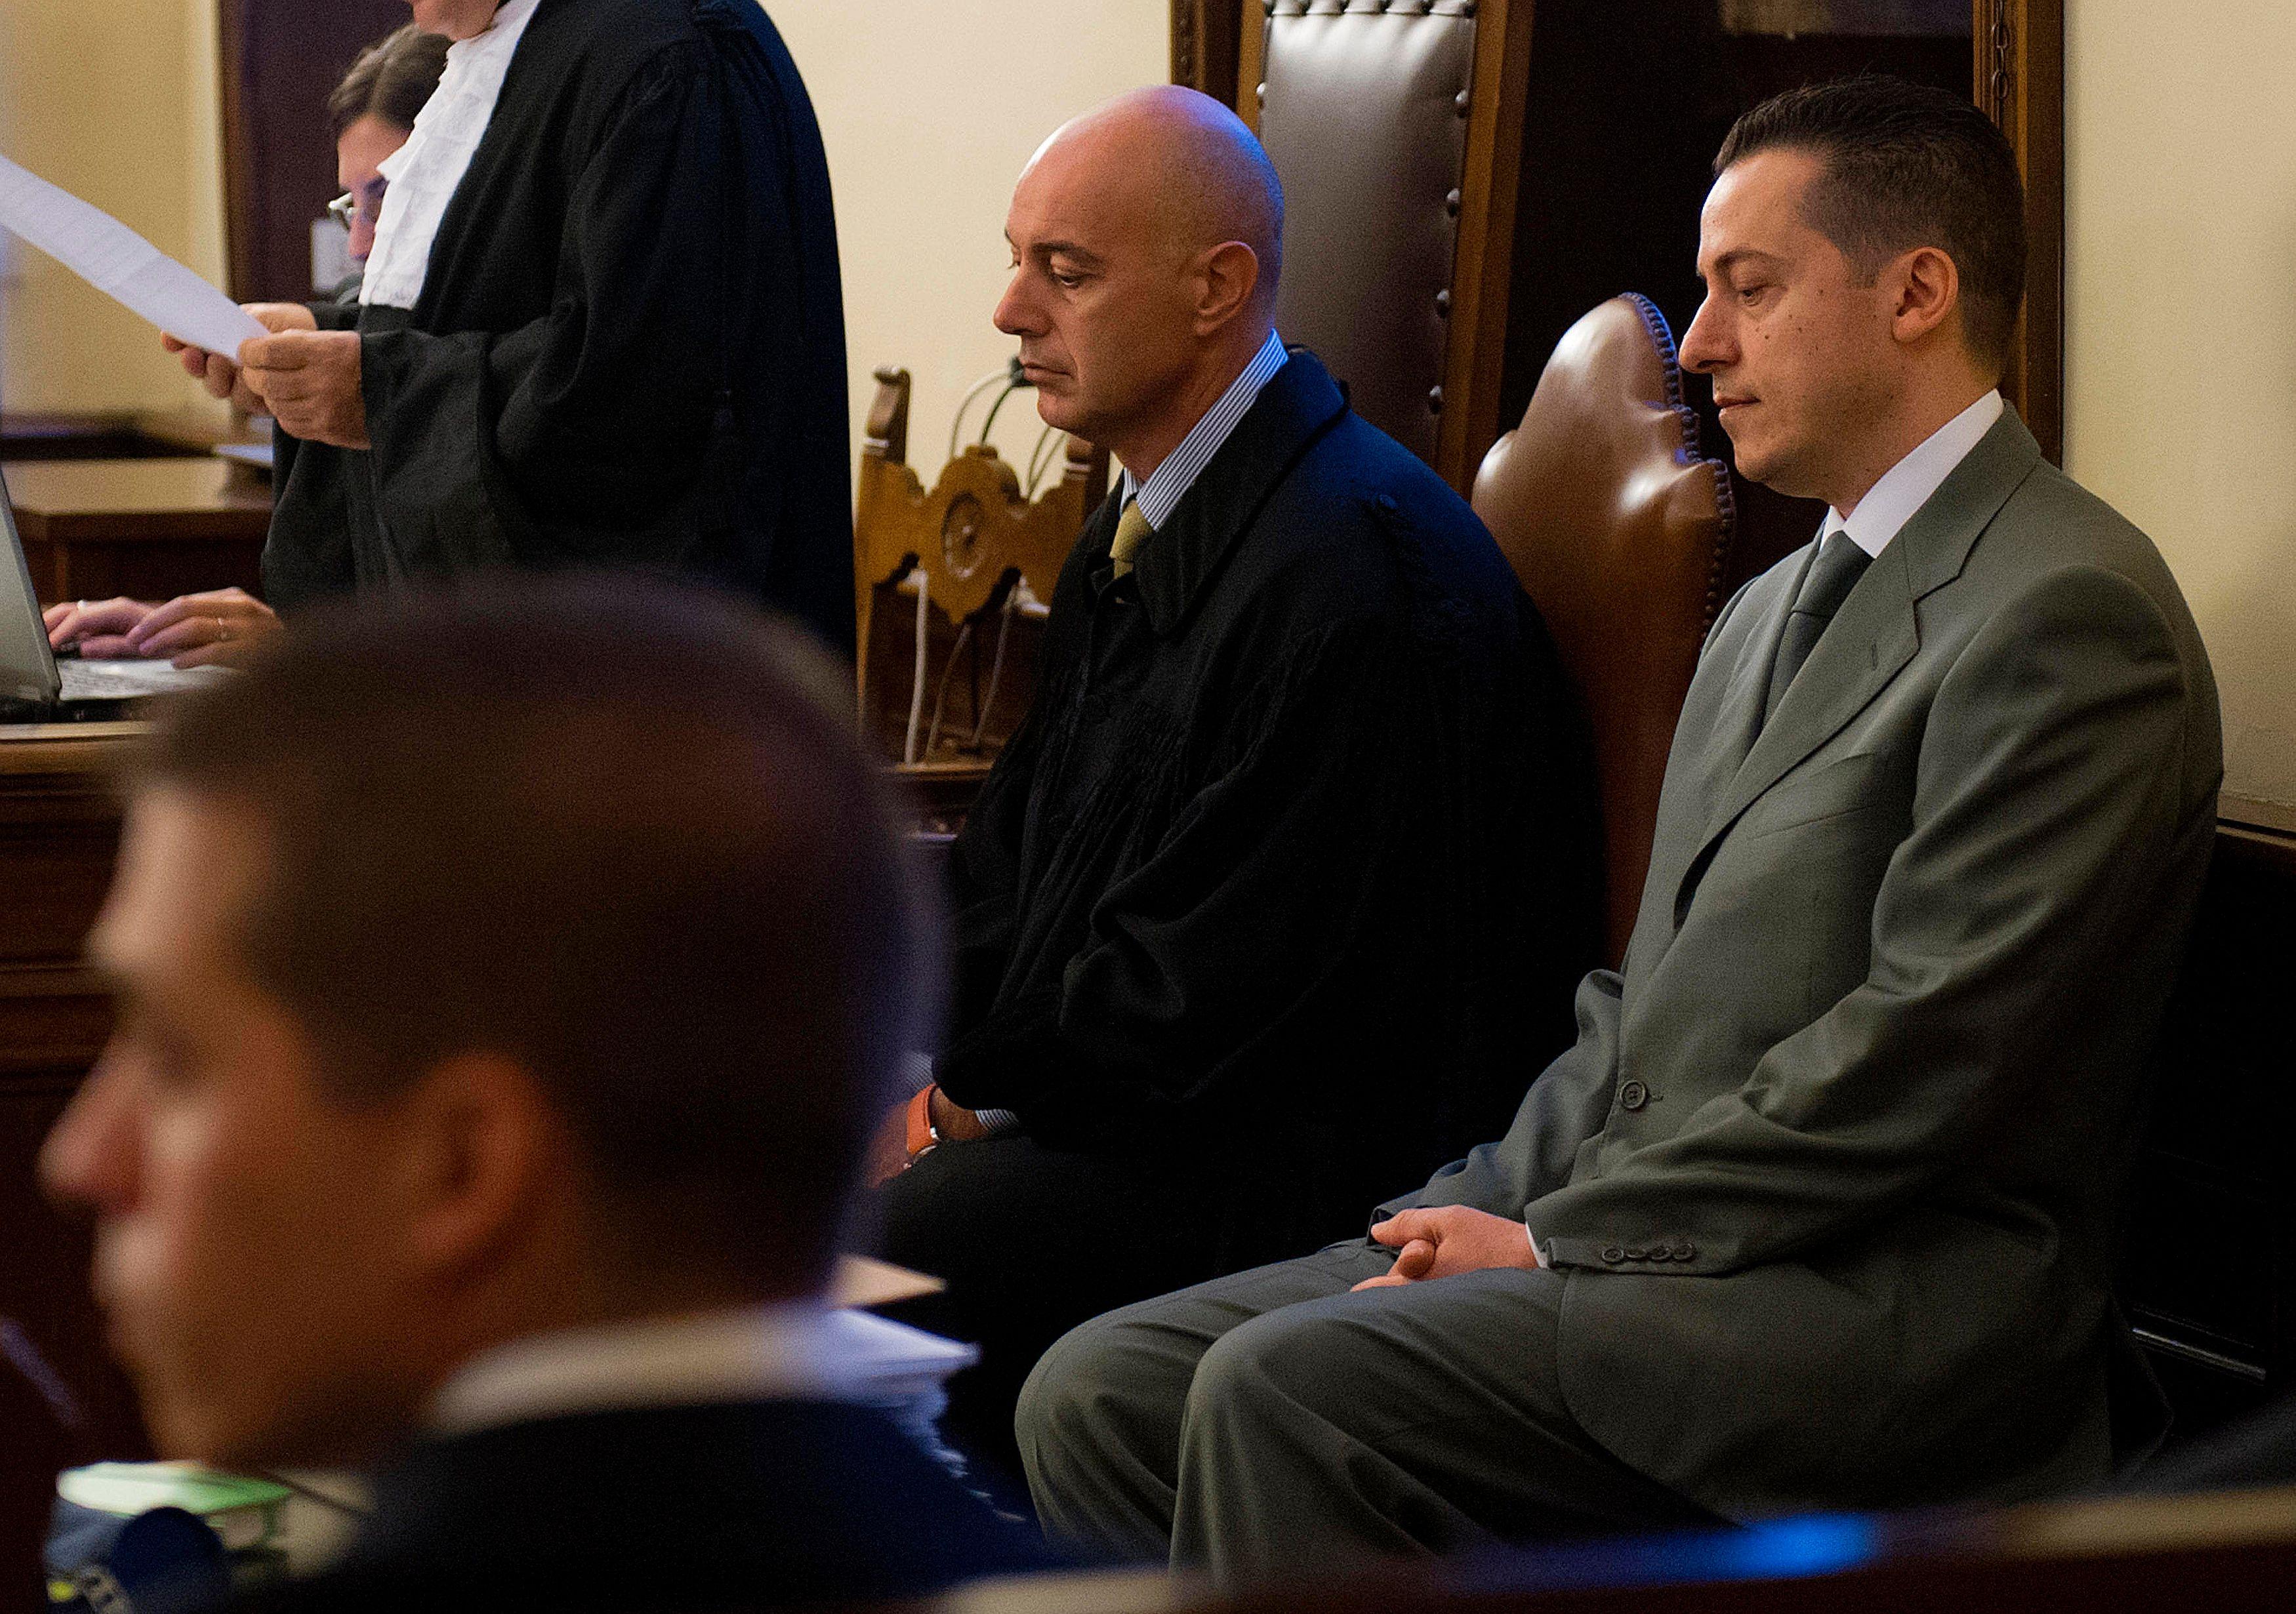 L'ancien majordome du pape, Paolo Gabriele, a clamé son innocence lors de son procès.